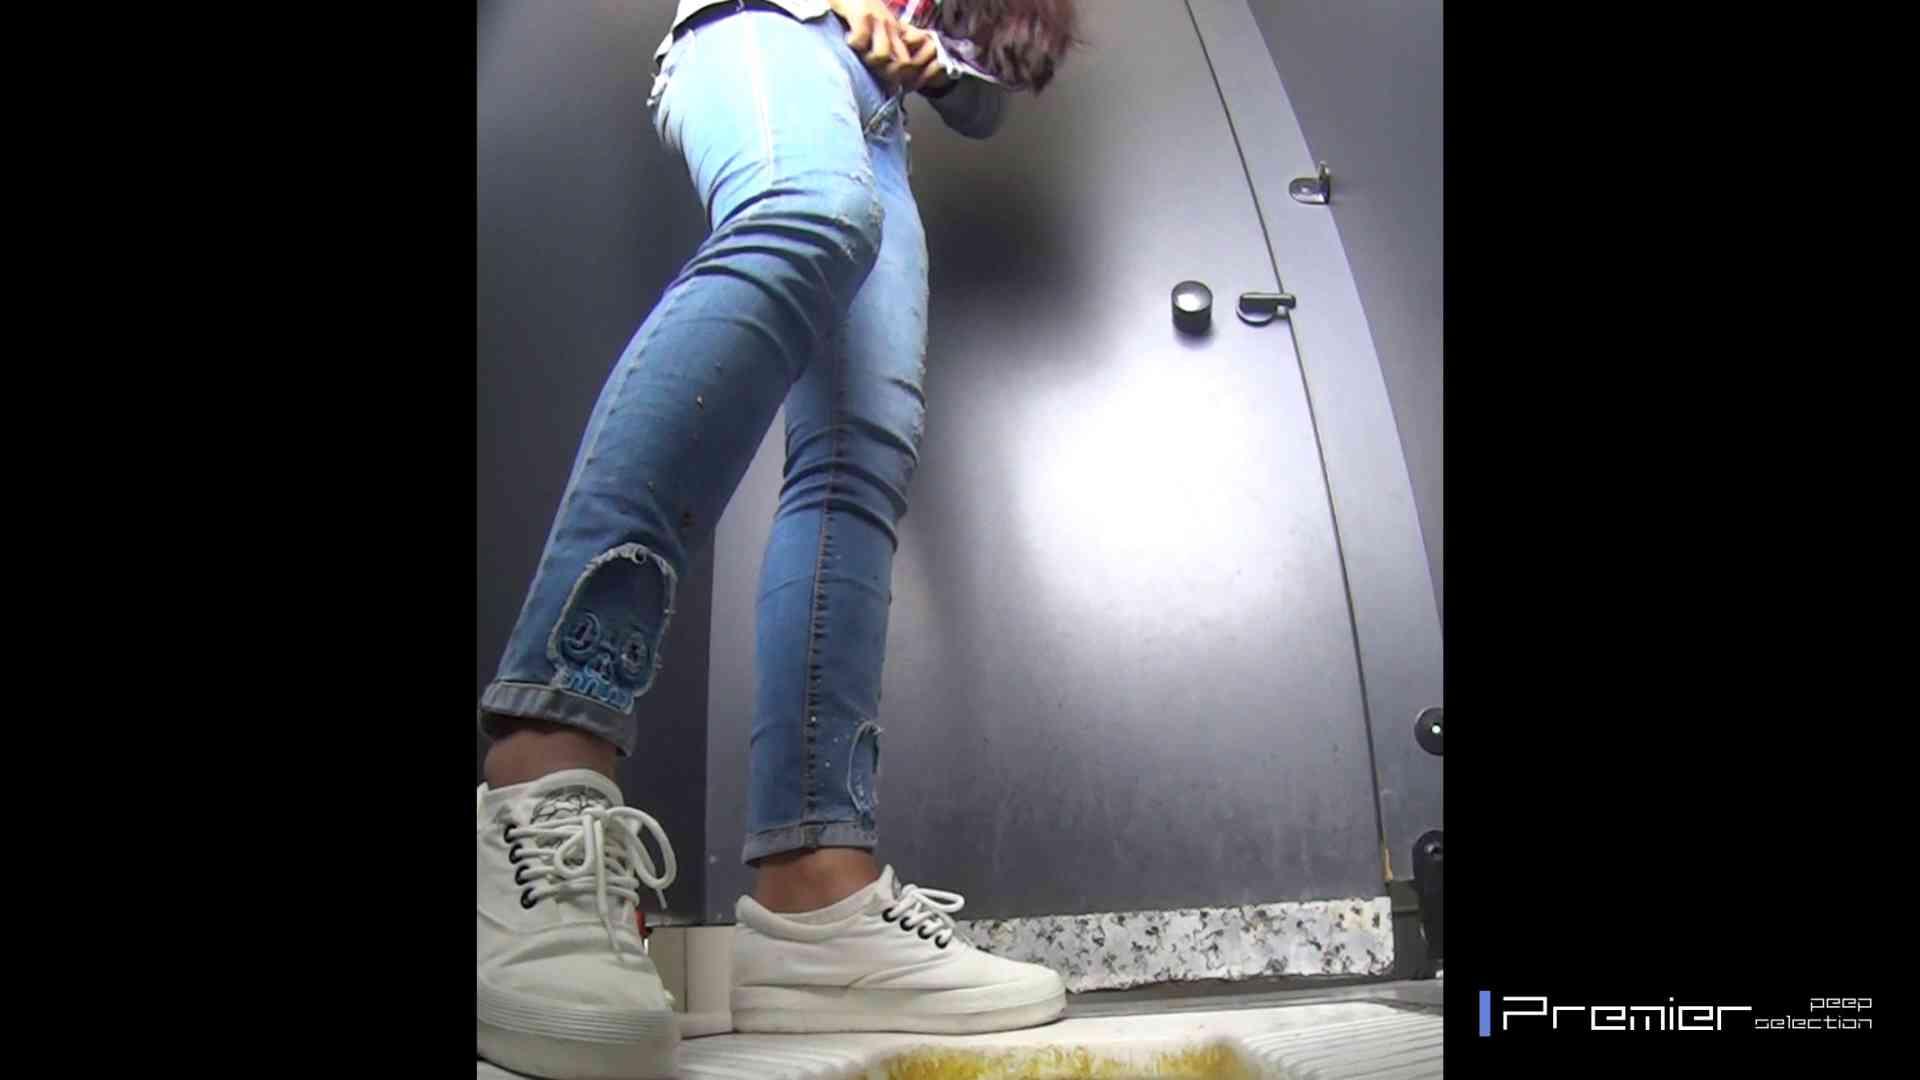 むっちり眼鏡さんの洗面所盗撮 大学休憩時間の洗面所事情17 洗面所 盗撮アダルト動画キャプチャ 43pic 22